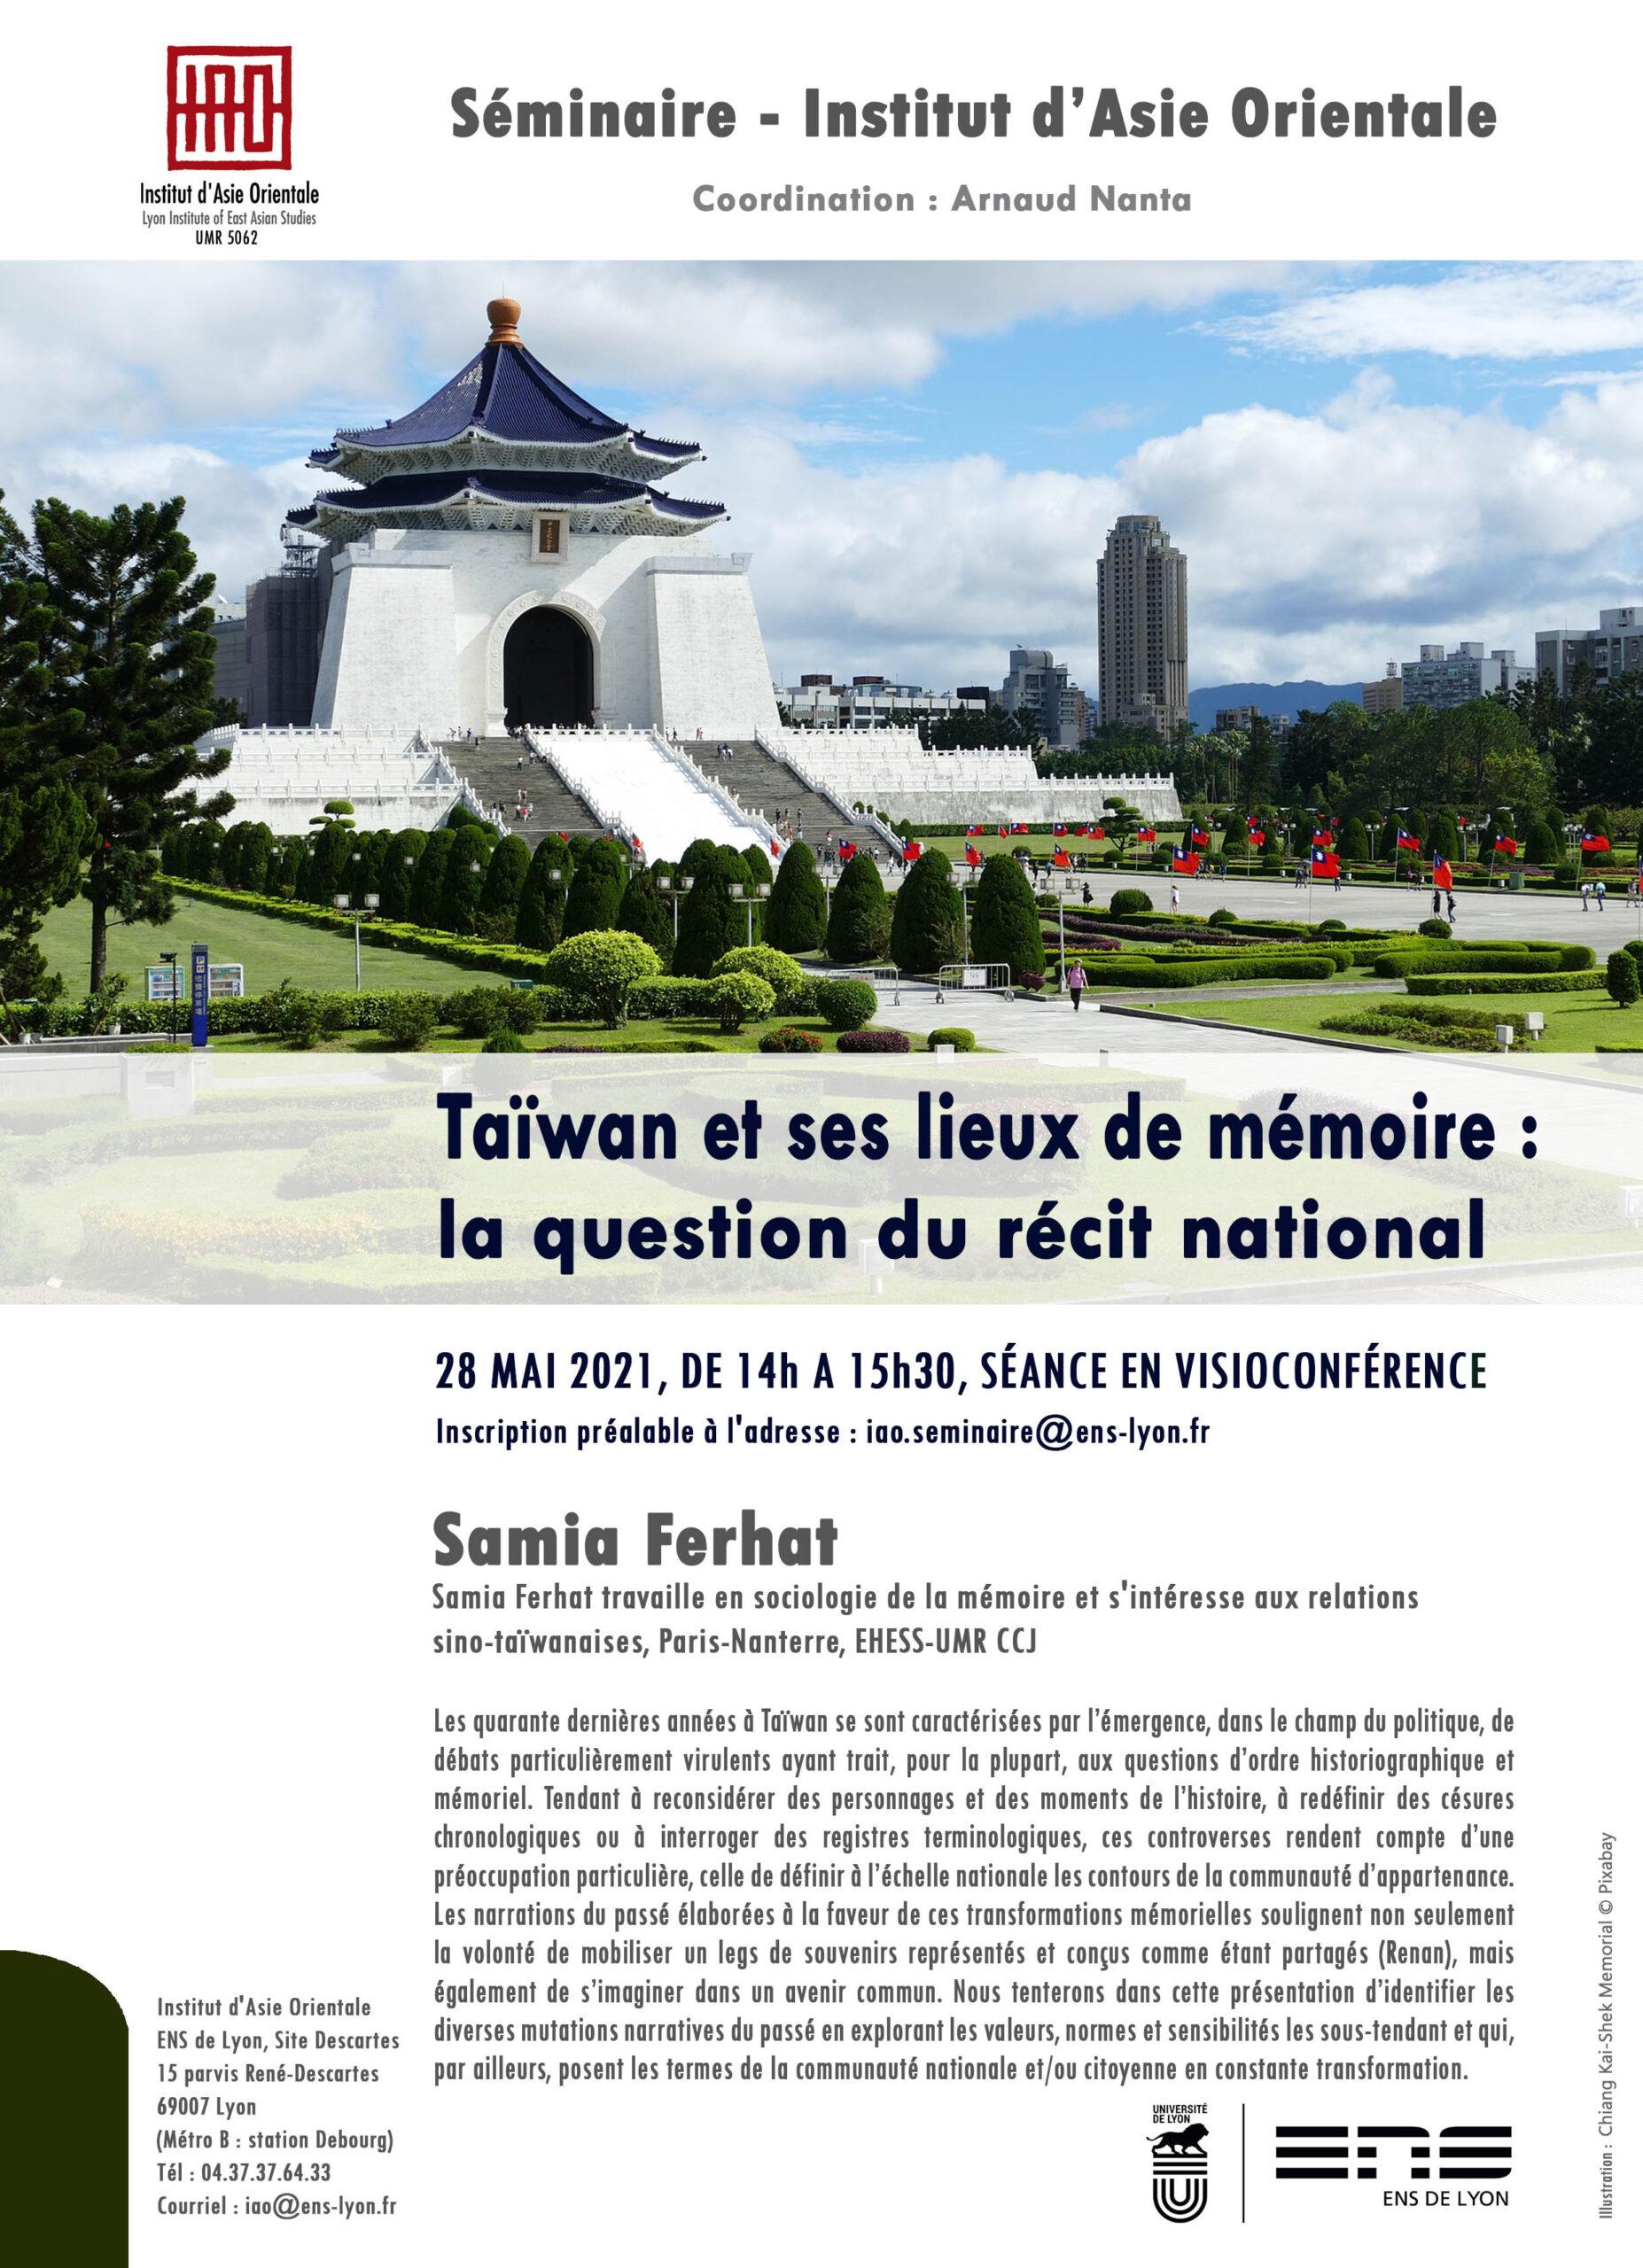 Séminaire Samia Ferhat « Taïwan et ses lieux de mémoire : la question du récit national »